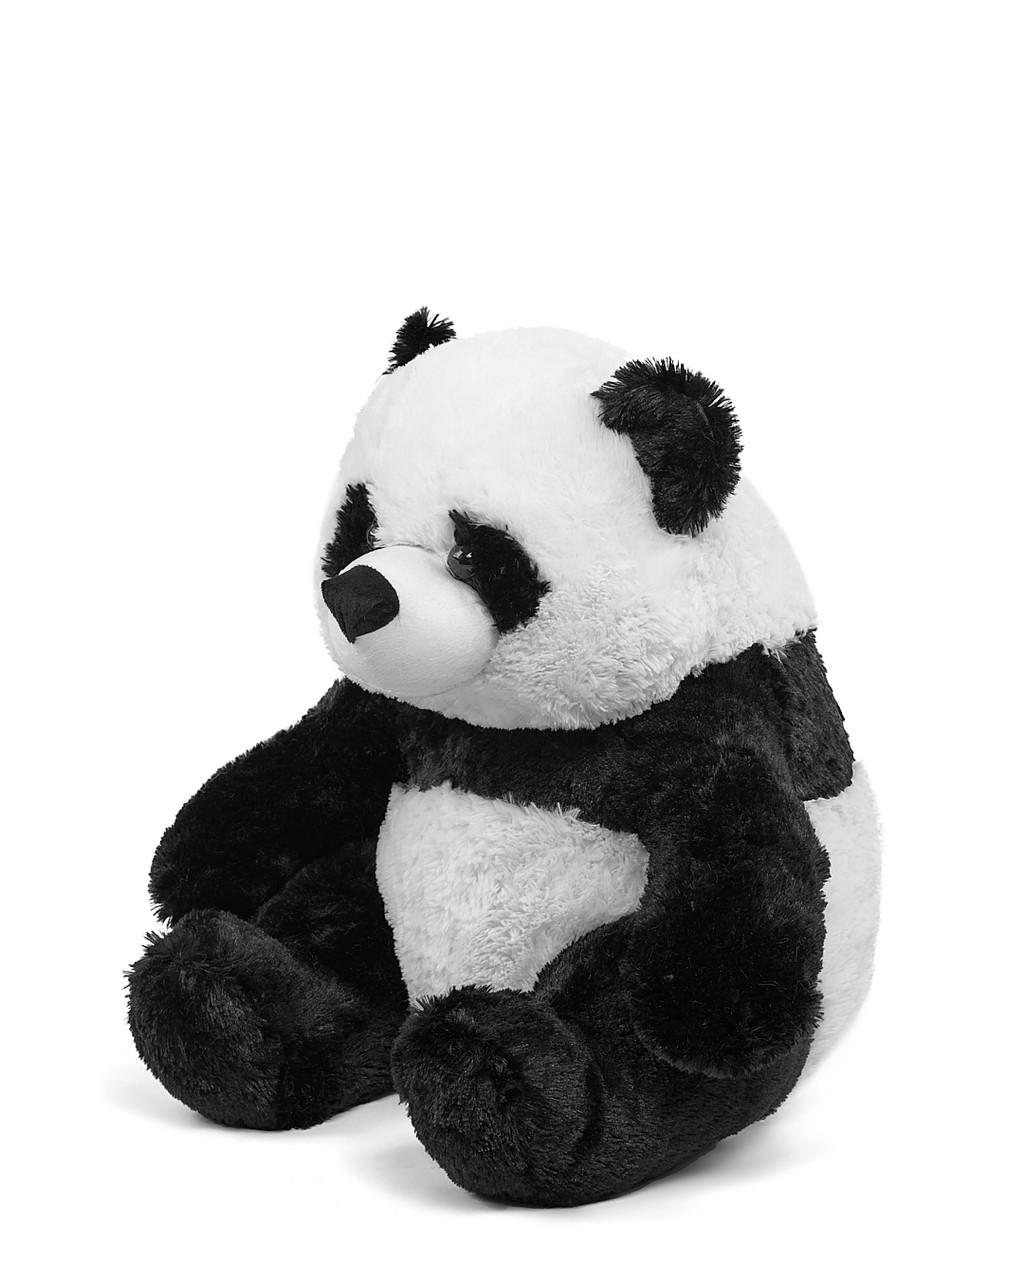 Панда игрушка 70 см | Плюшевая панда | Плюшевая панда от маленьких до больших